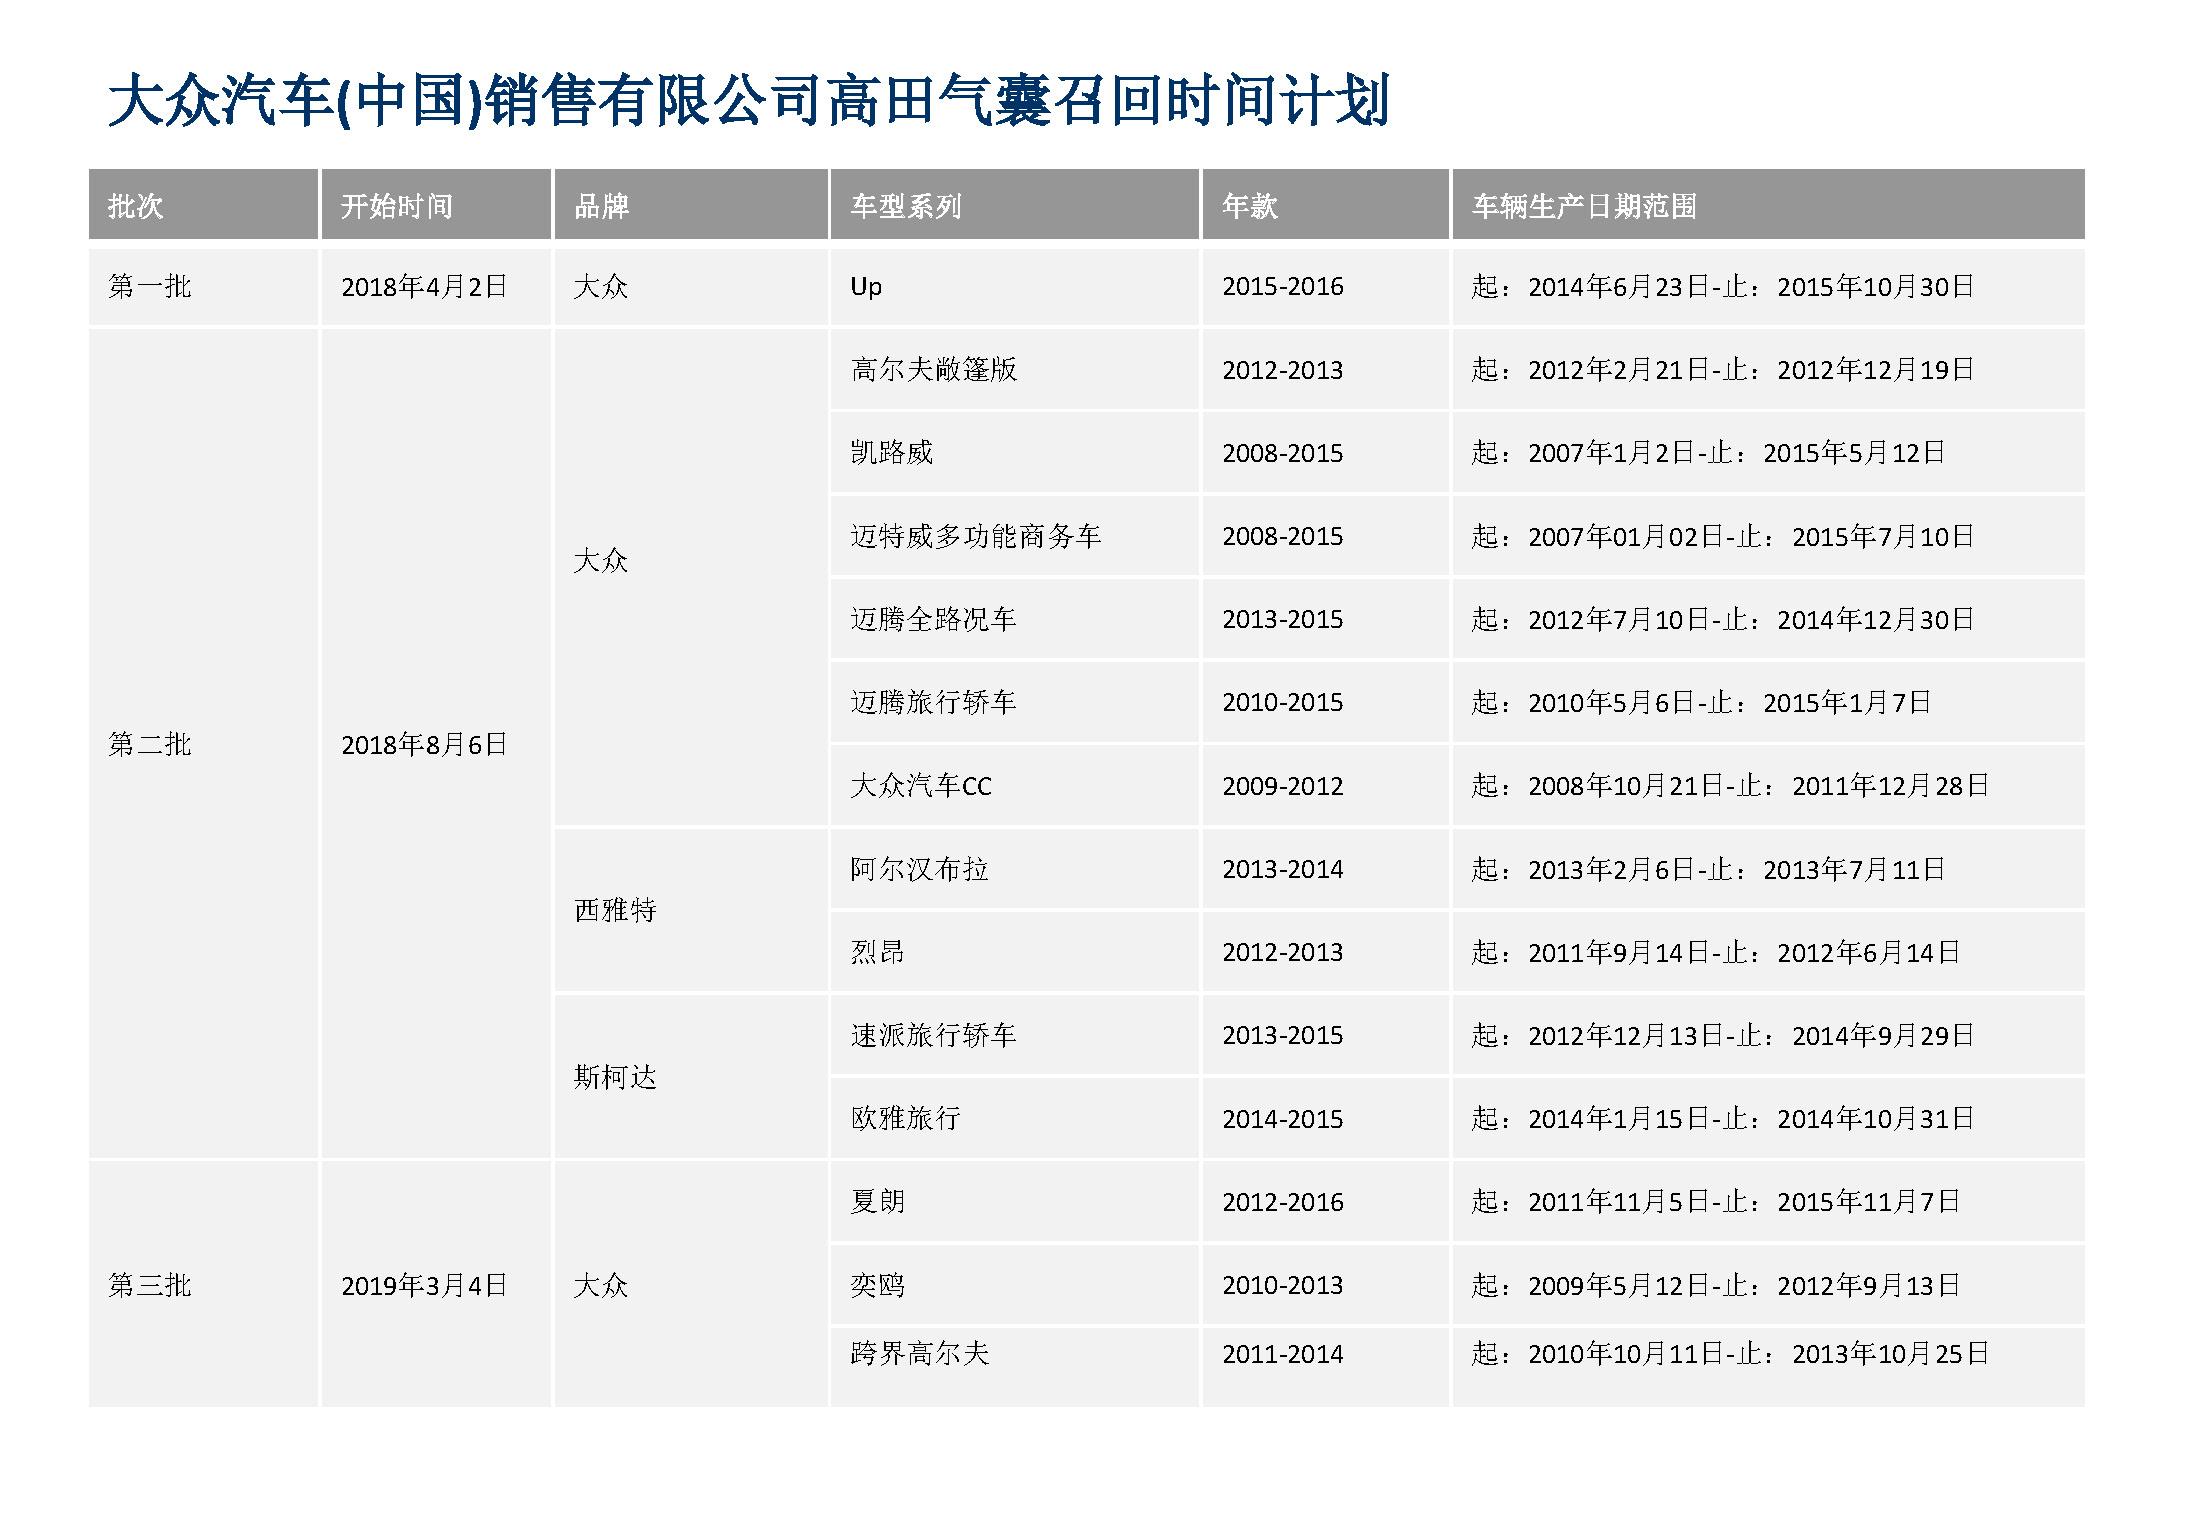 受高田气囊拖累 大众中国召回超480万辆汽车